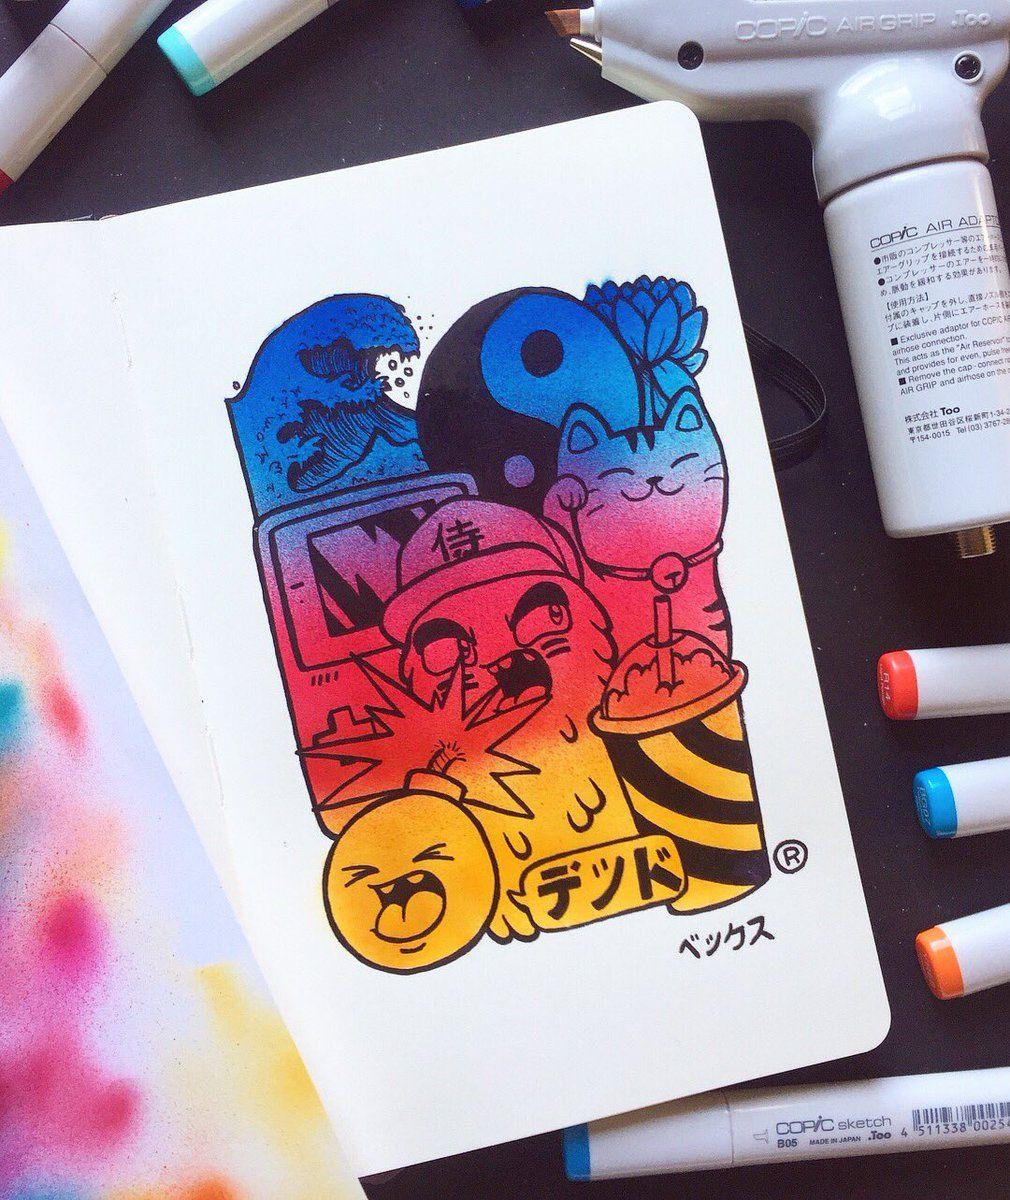 Vexx Instagram Doodle Drawing